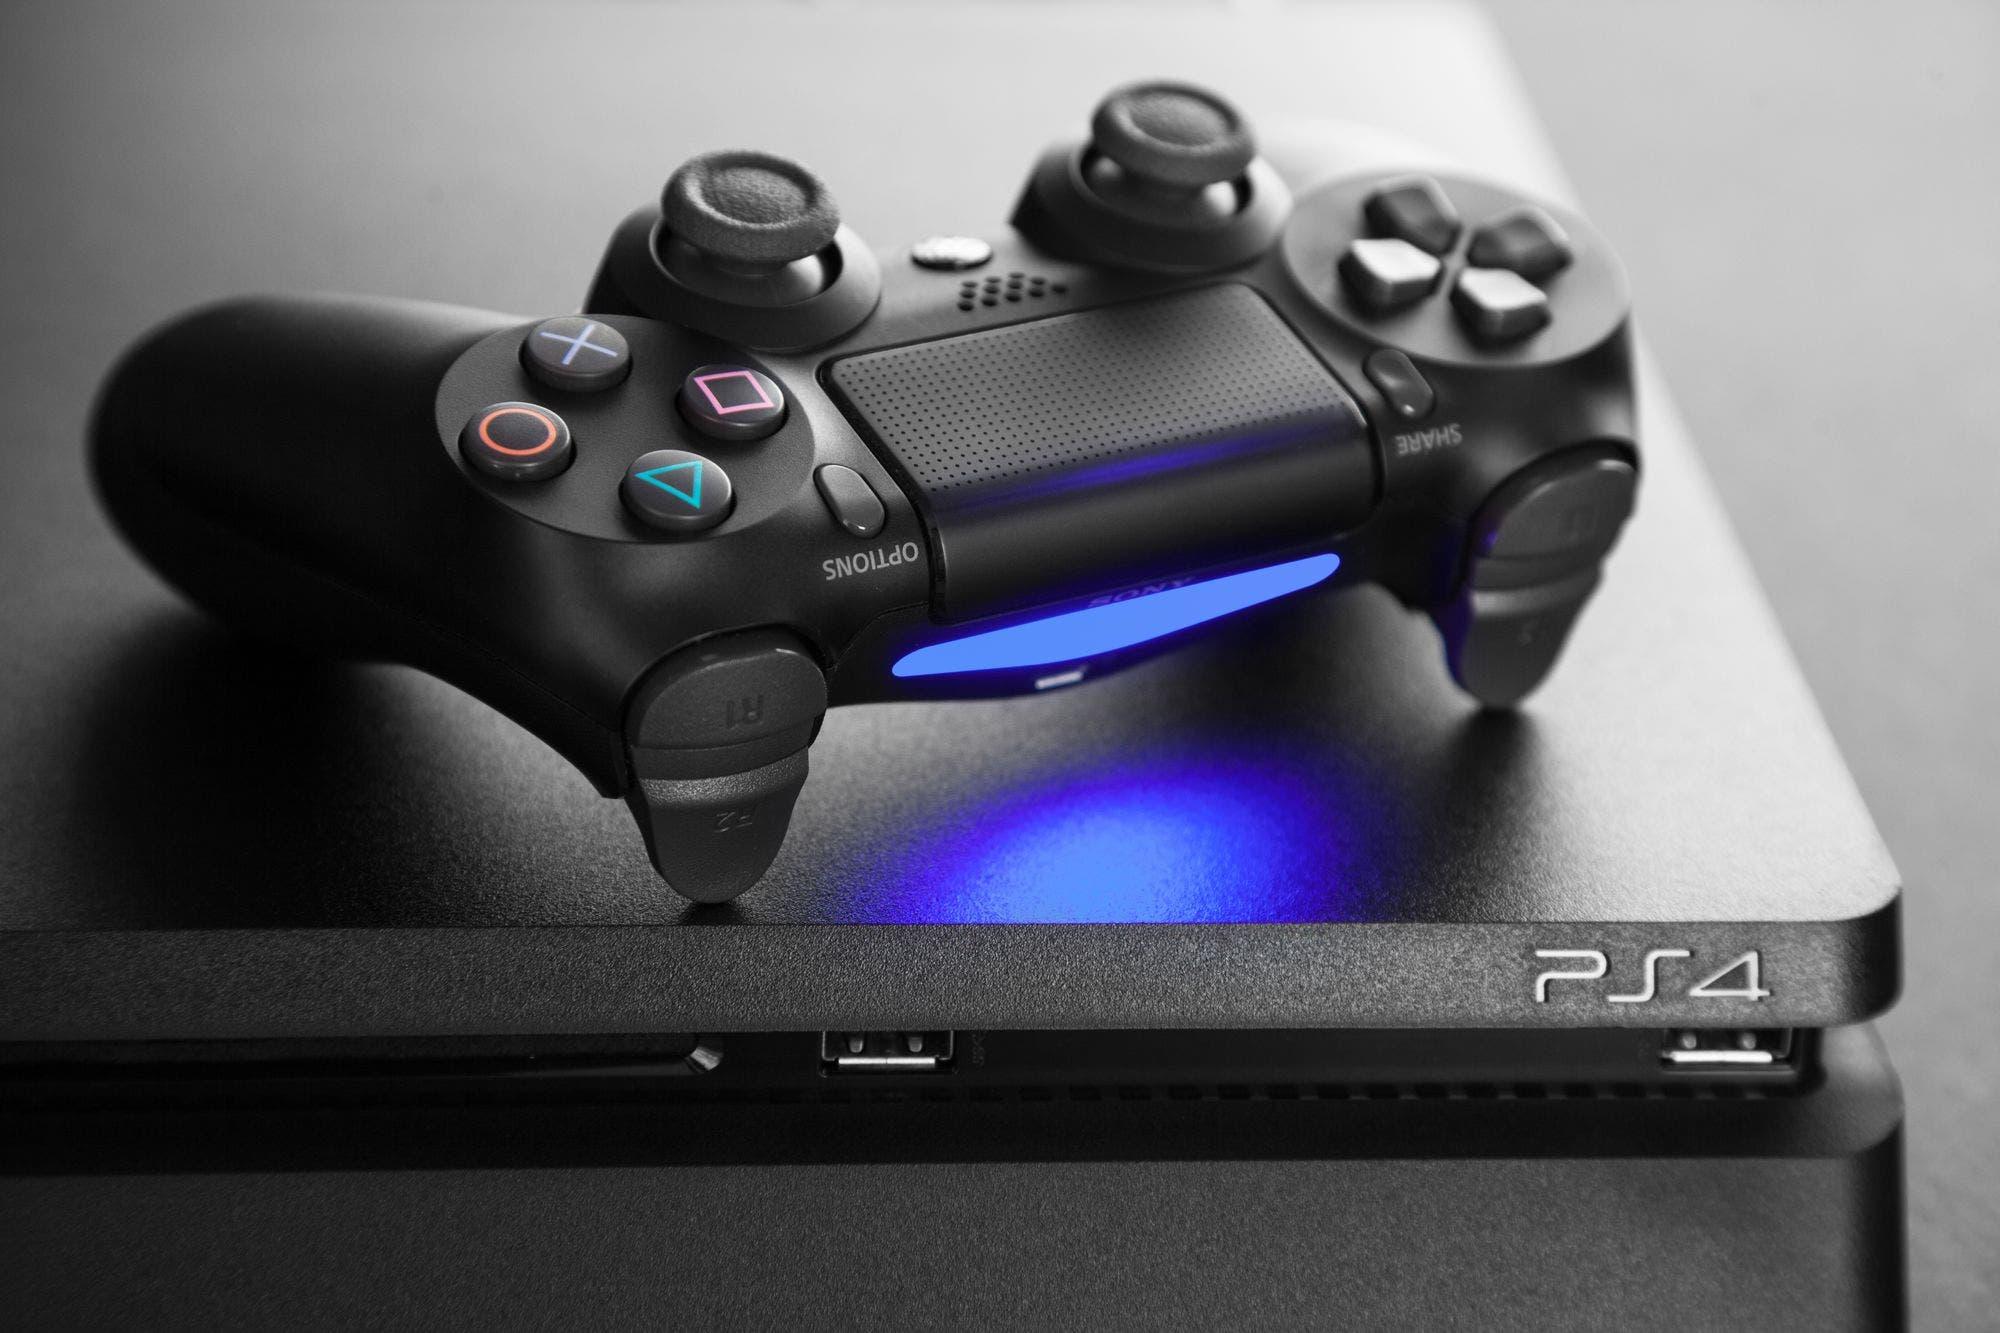 PlayStation: Sony lleva vendidas 110,4 millones de unidades de la PS4 en todo el mundo